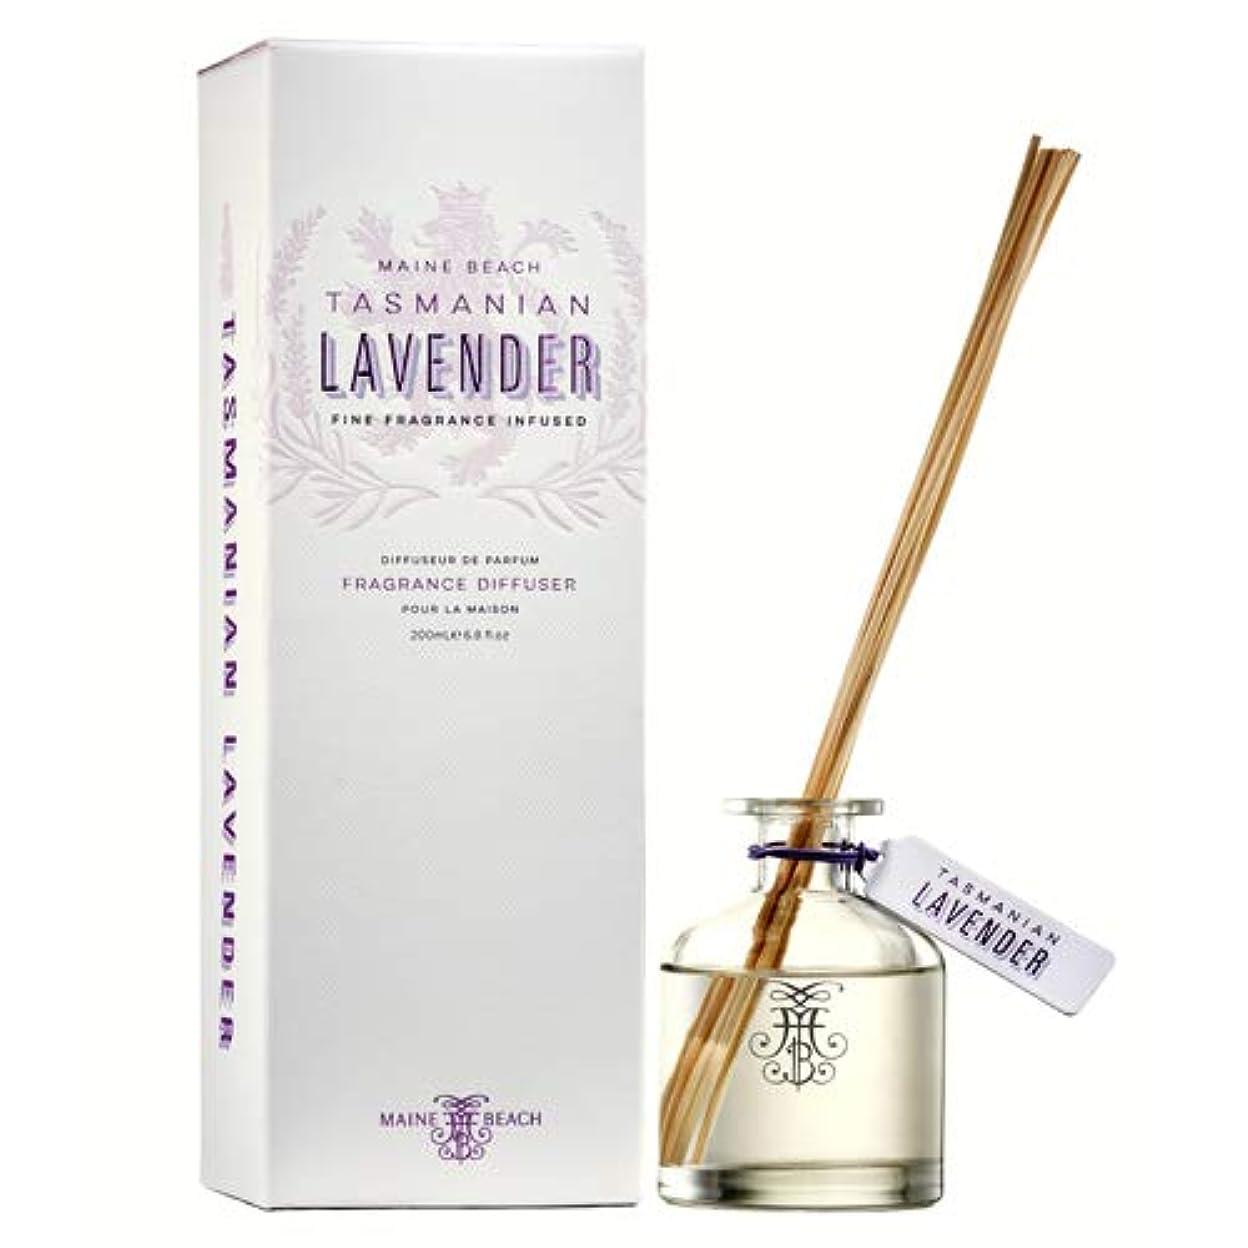 お父さんそんなに不機嫌MAINE BEACH マインビーチ TASMANIAN LAVENDER タスマニアン ラベンダー Fragrance Diffuser フレグランス ディフューザー